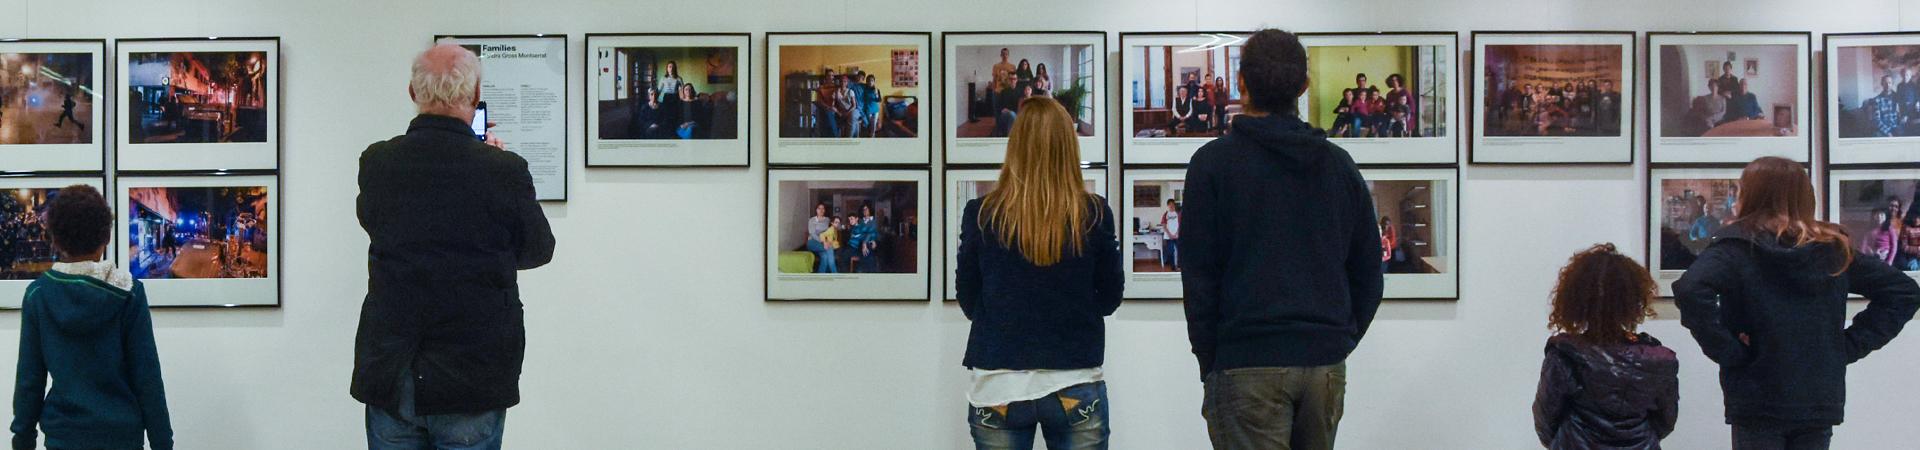 Exposicions fotogràfiques